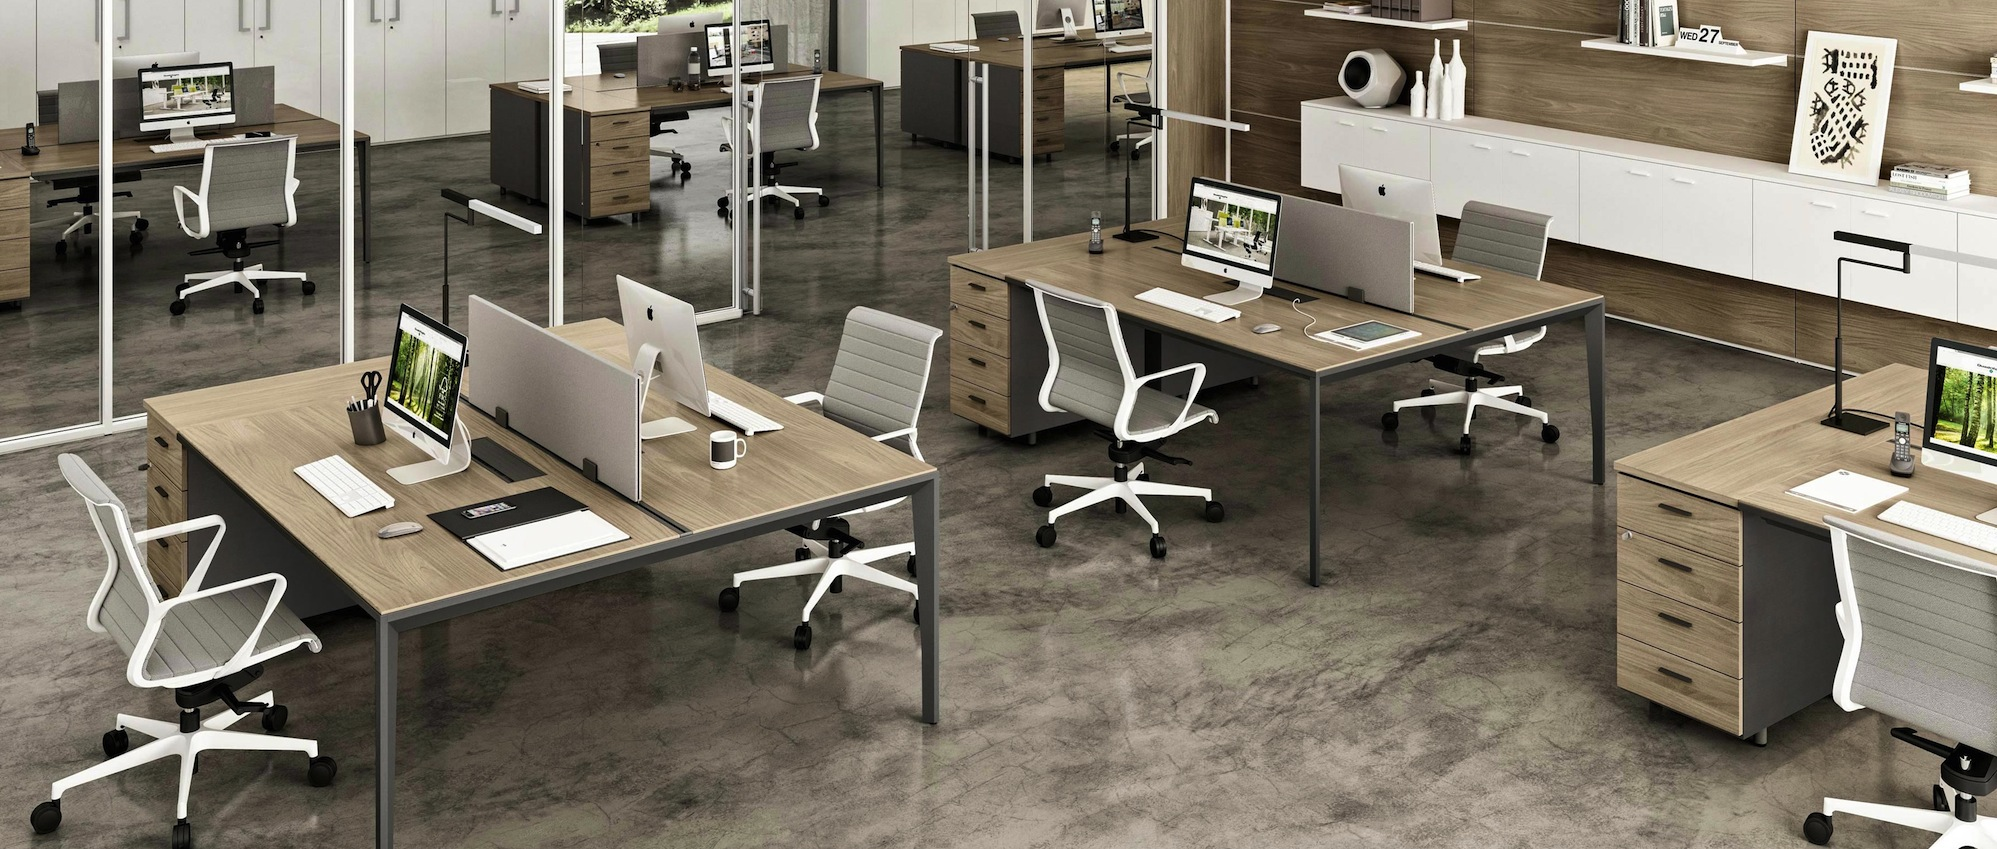 Agencement de bureaux professionnels mobilier de bureaux - Mobilier de bureau montpellier ...